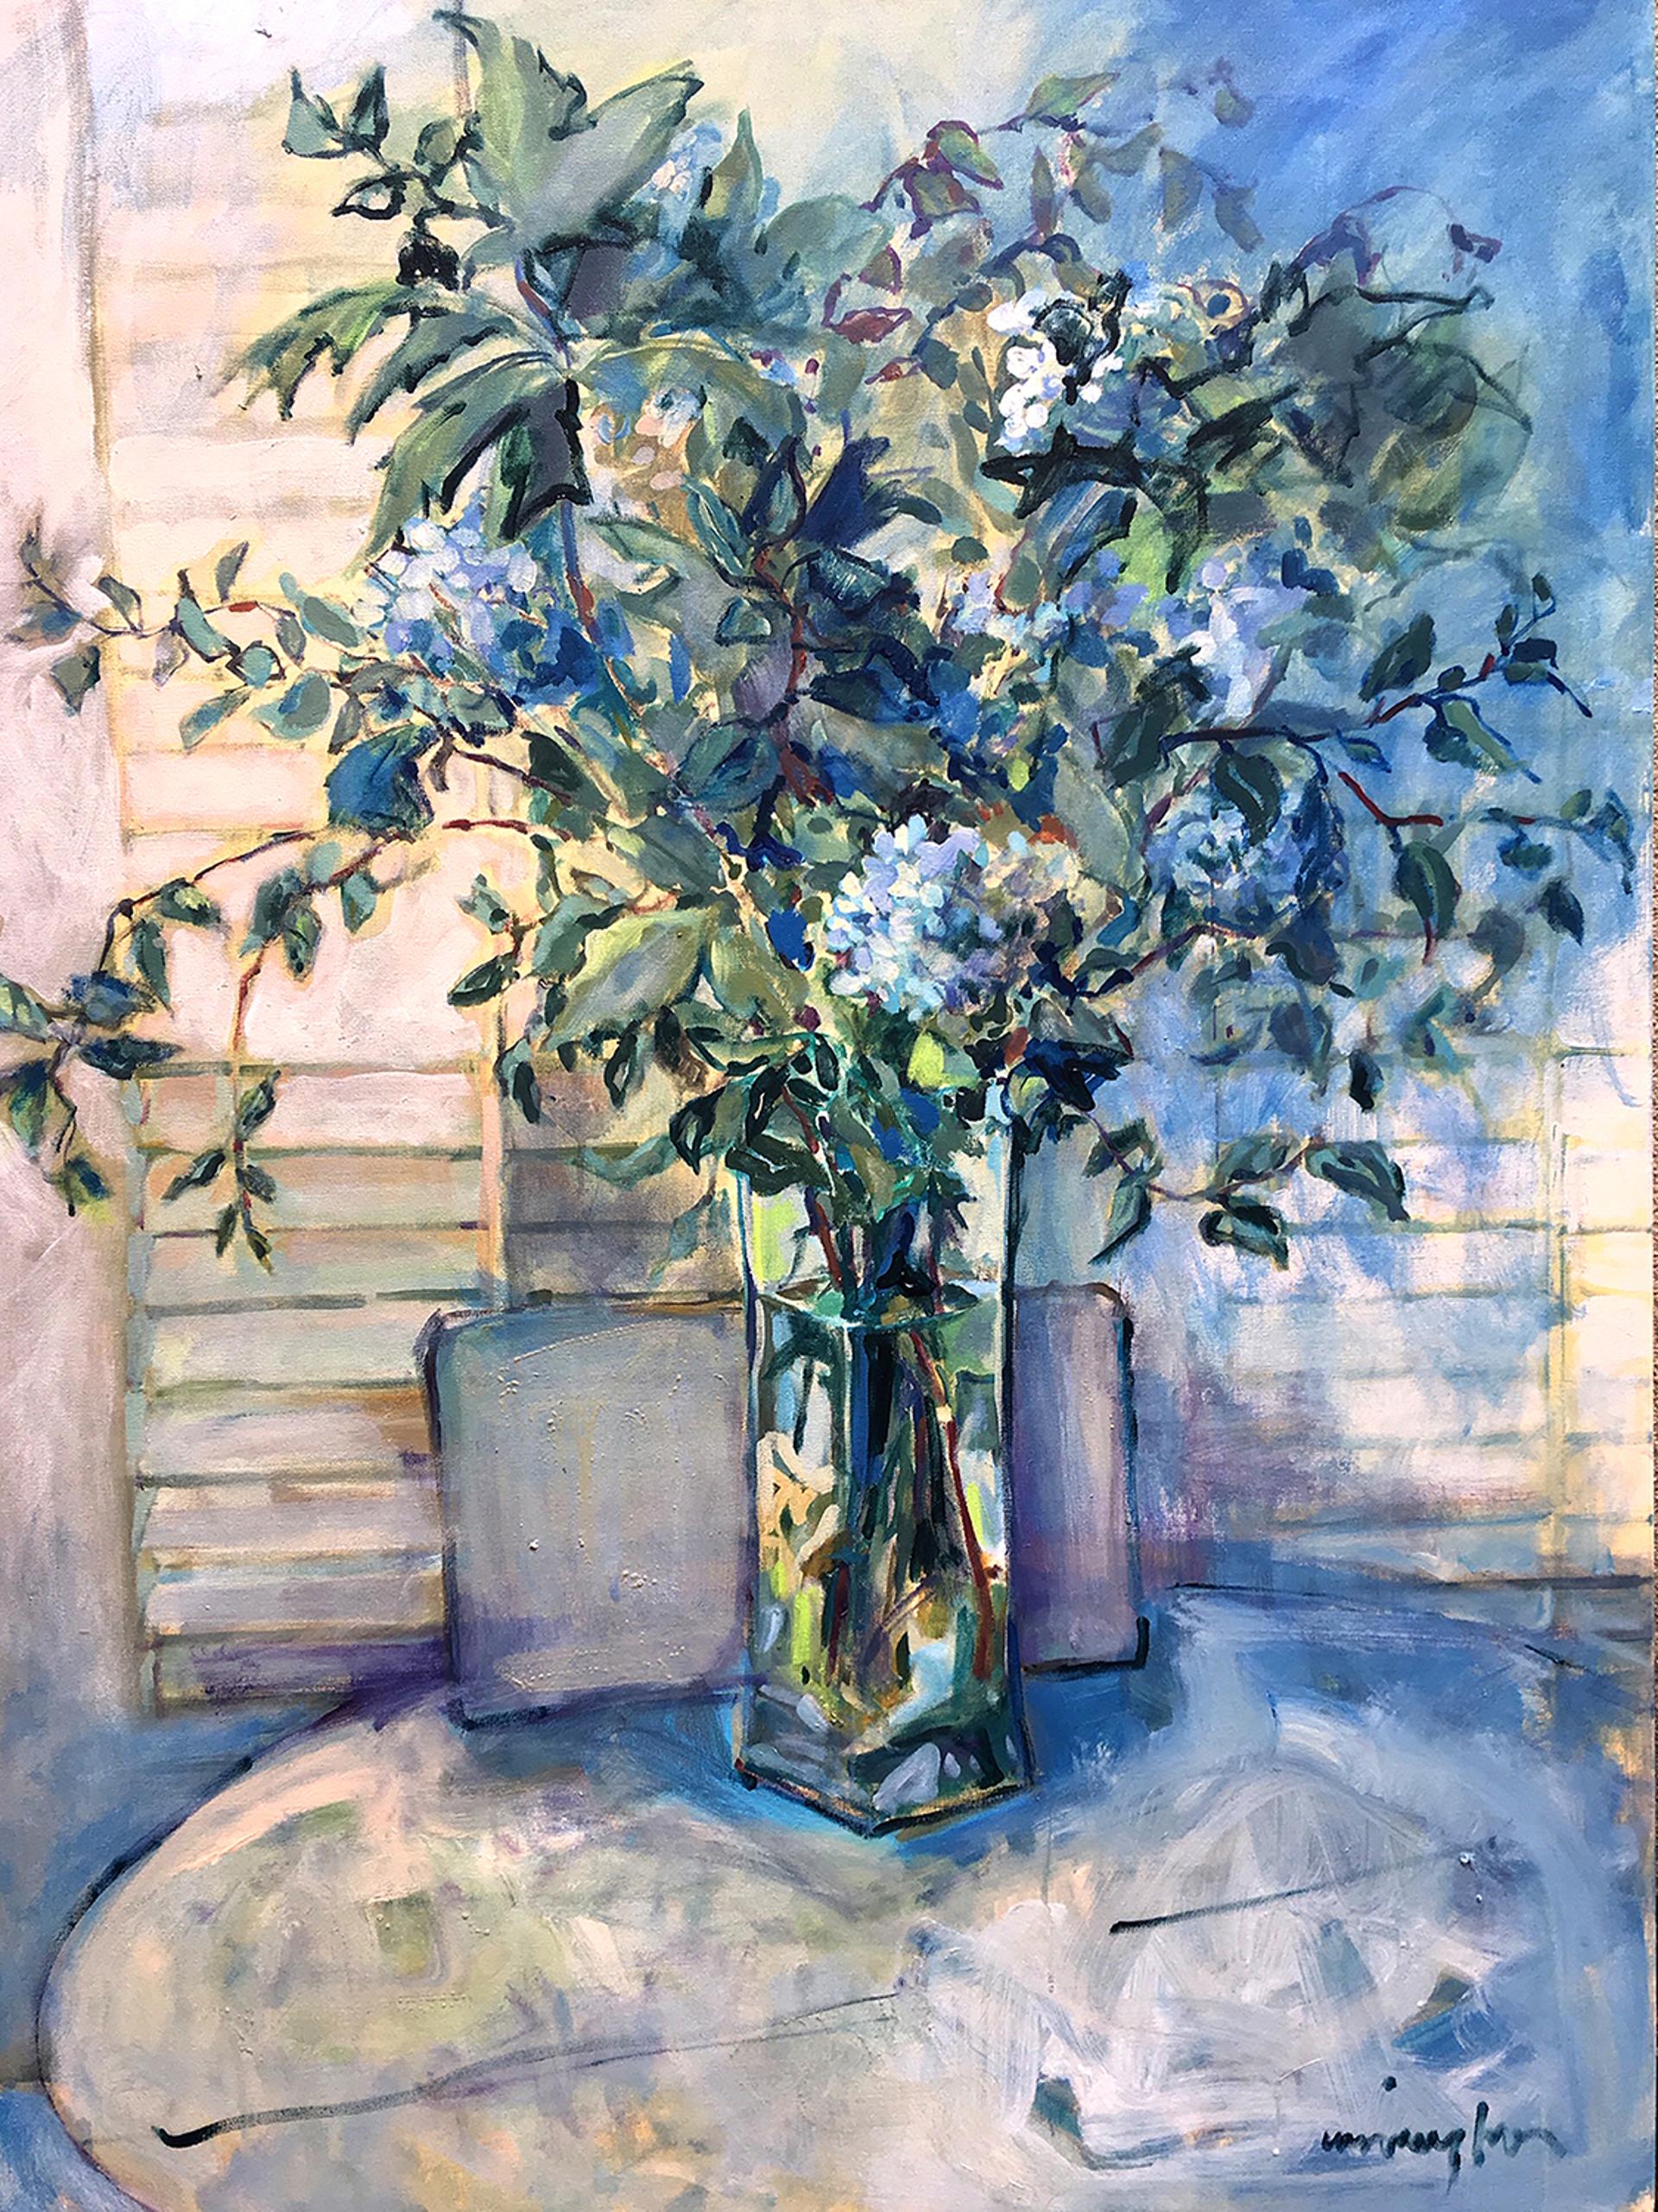 Rhapsody in Blue by Nan Cunningham